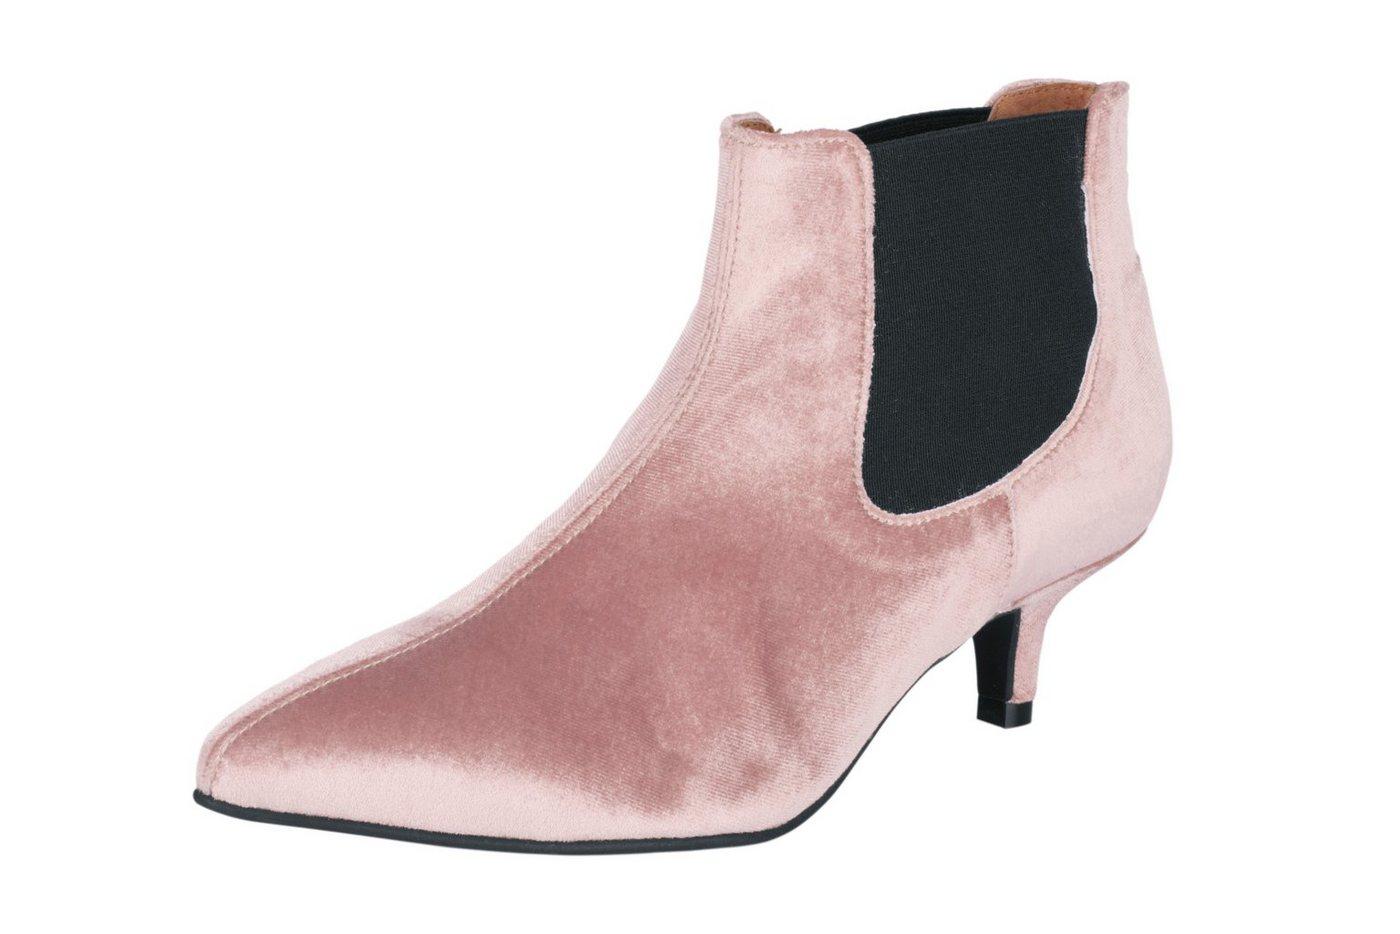 Damen heine  Stiefelette in Samtoptik rosa | 05608377114549